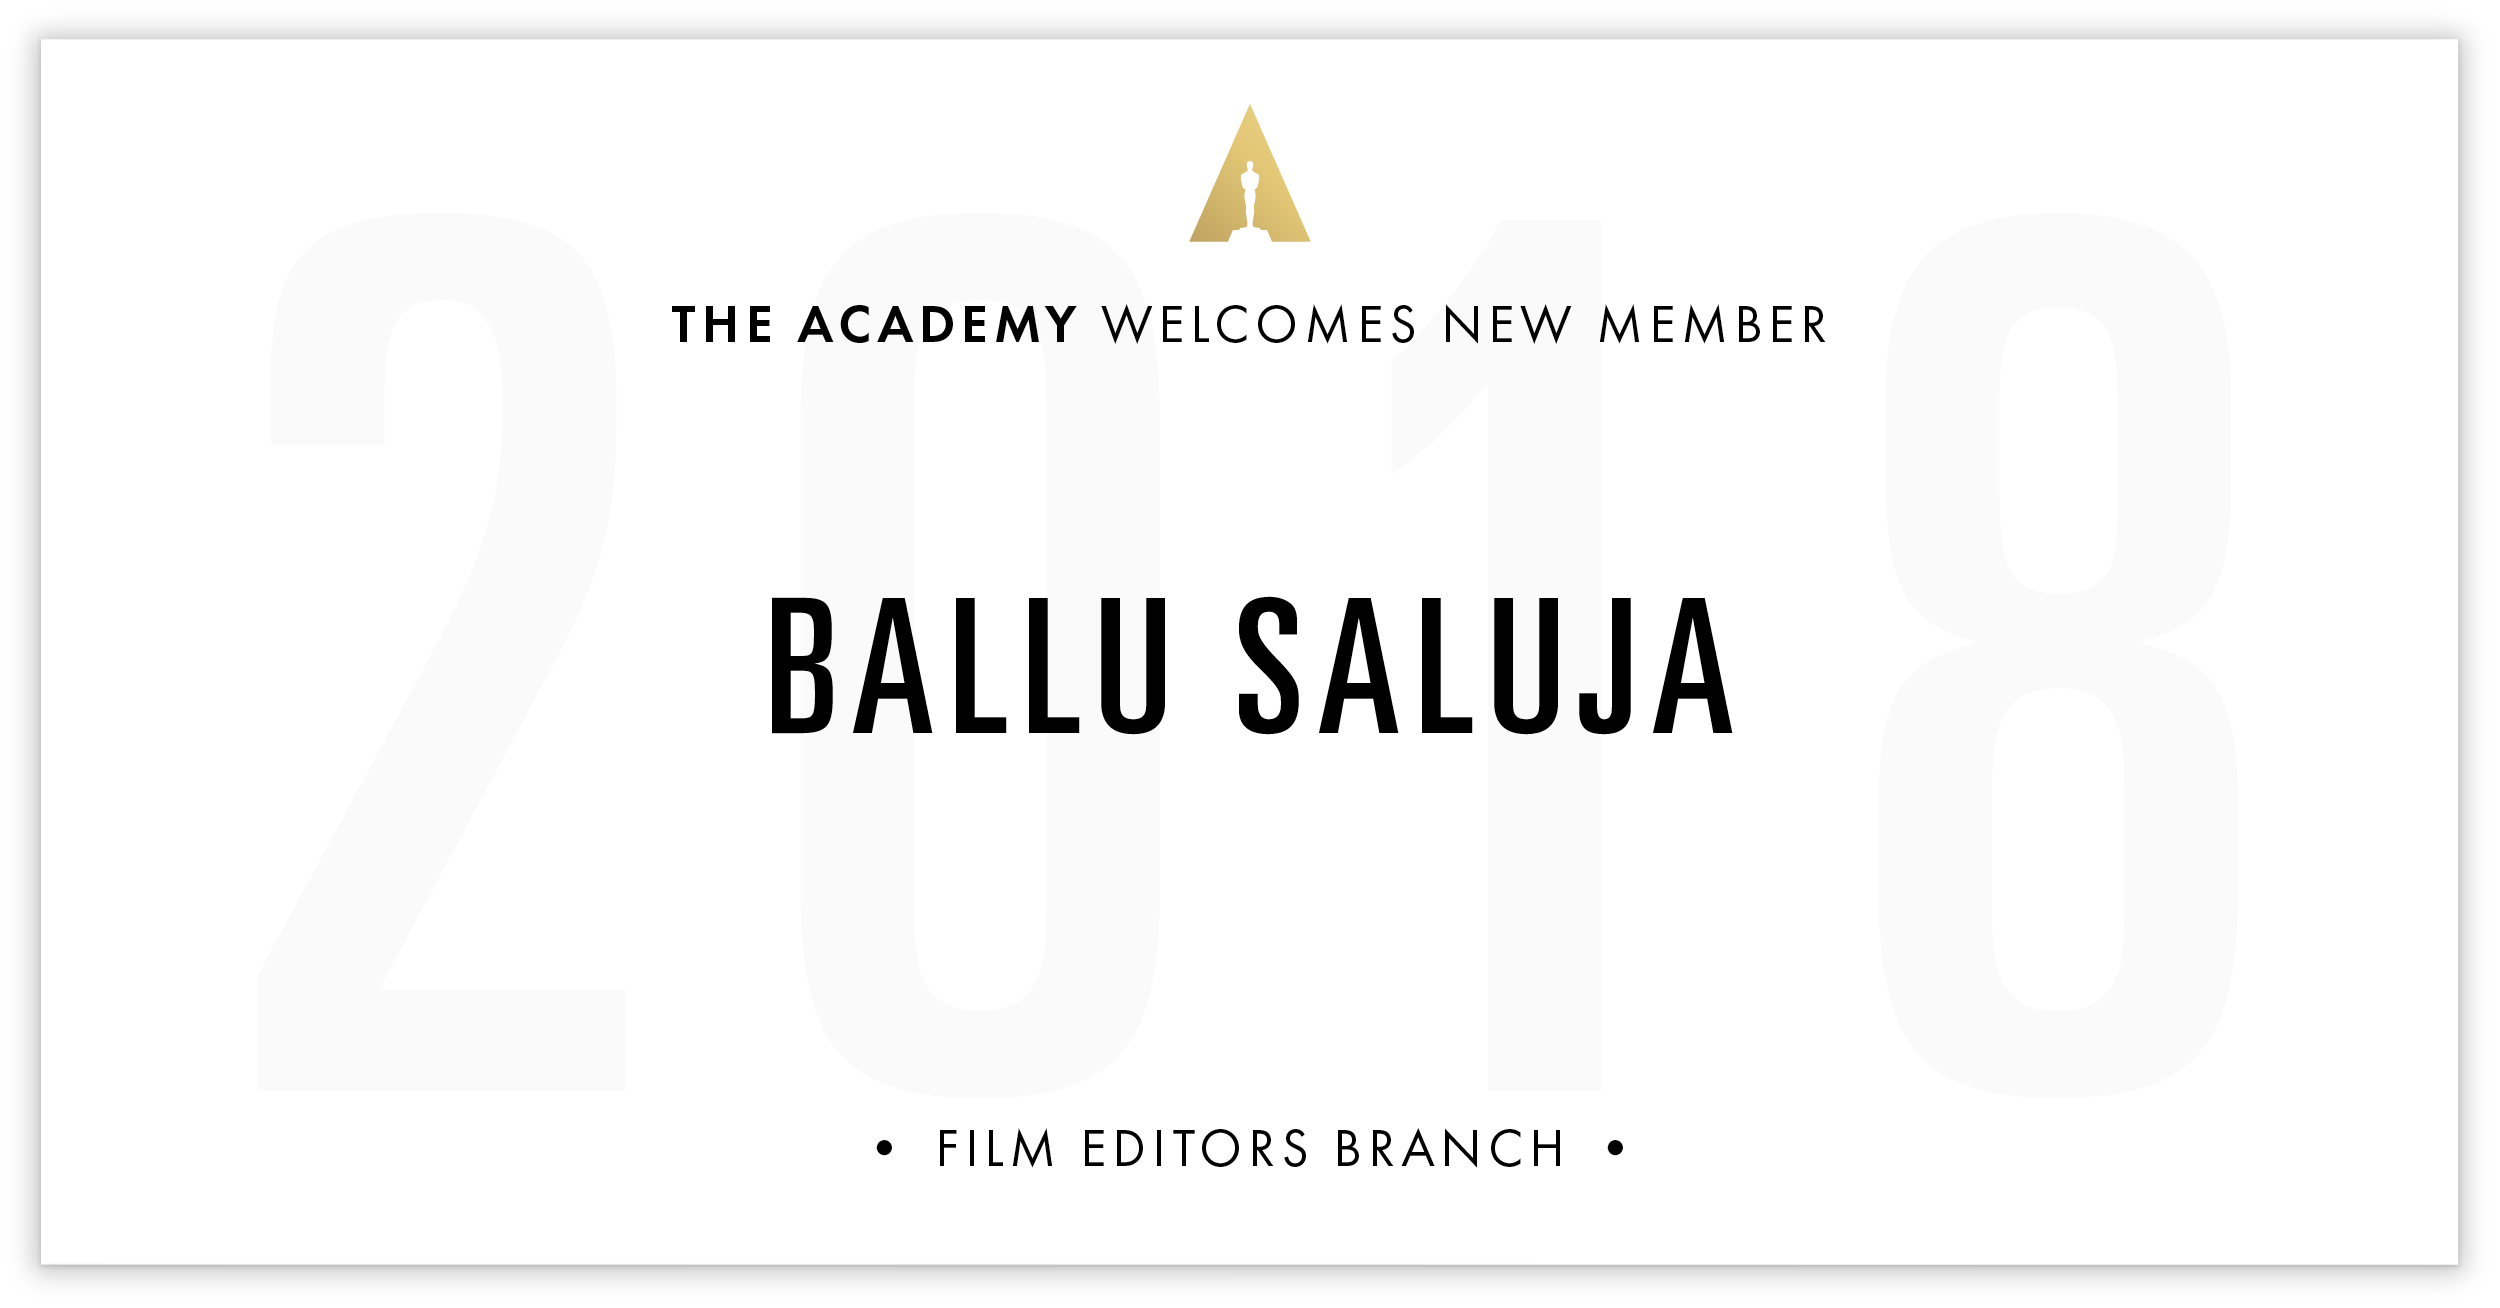 Ballu Saluja is invited!